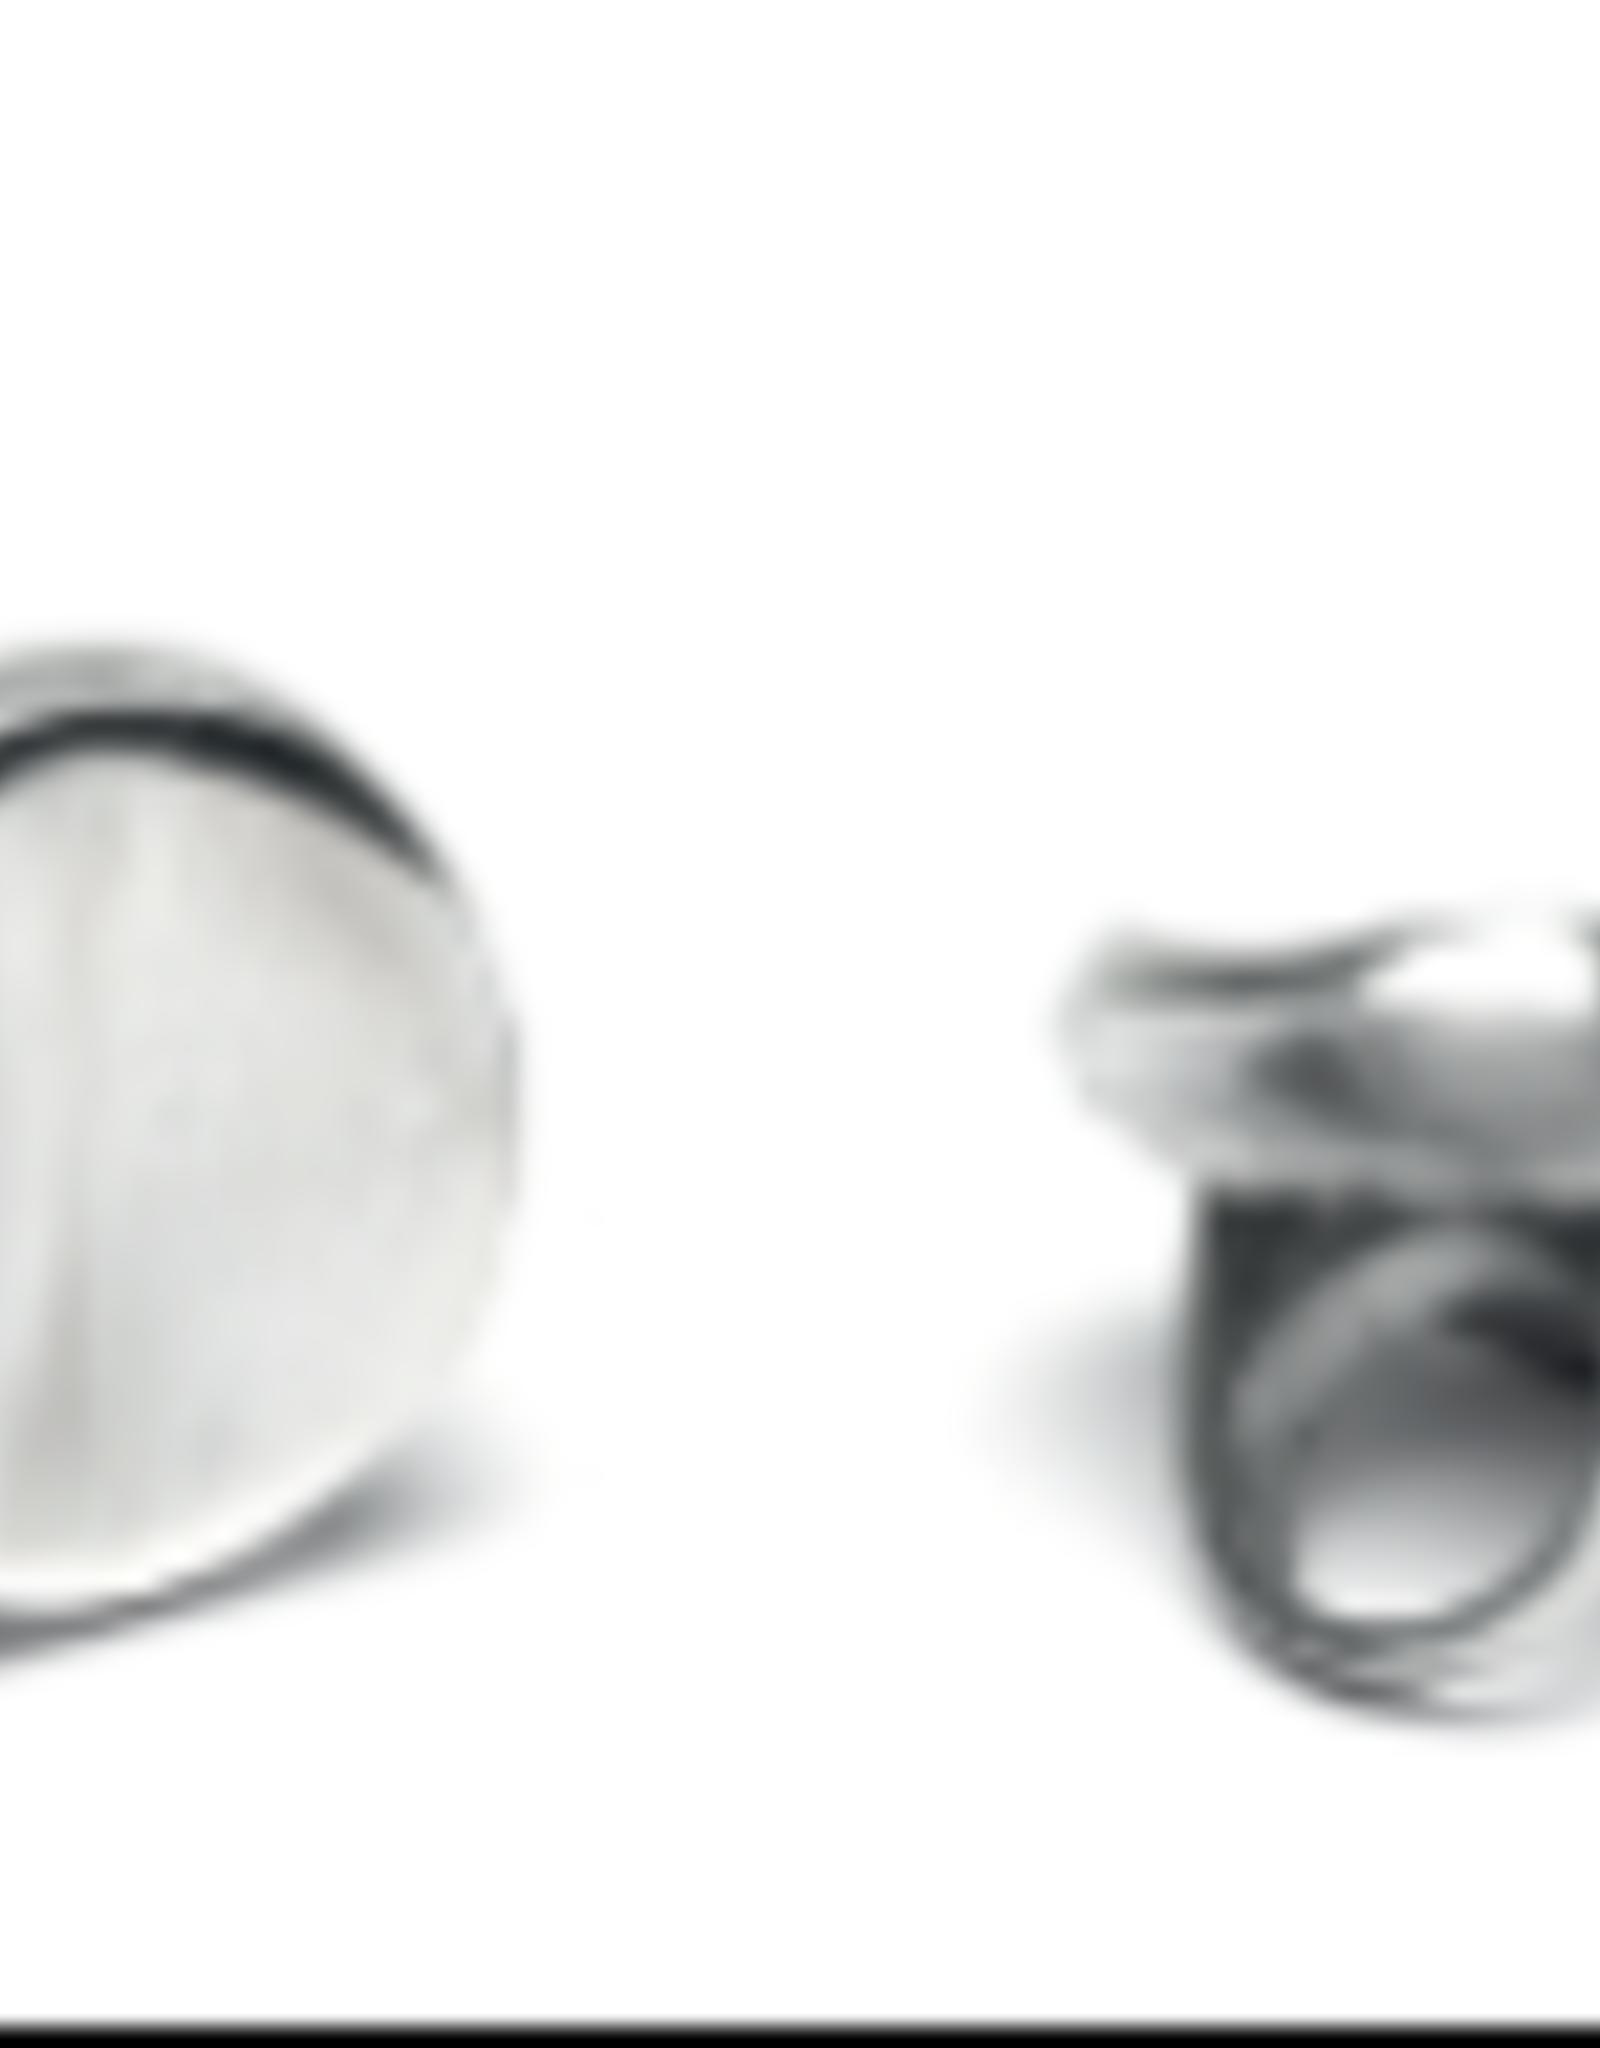 VESTOPAZZO Aluminum Concave Ring